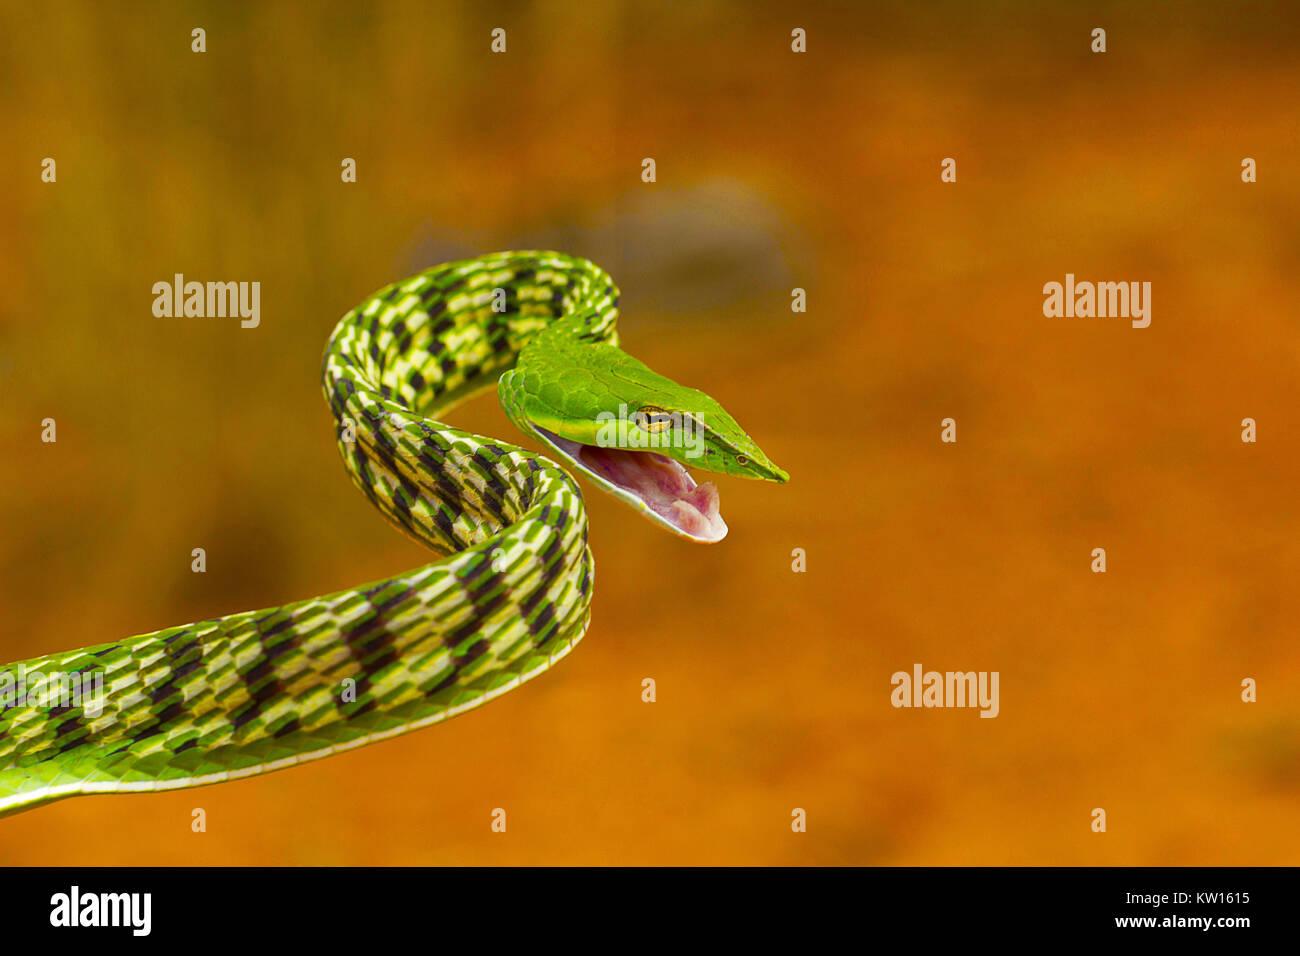 Grüne Rebe Schlange, Ahaetulla nasuta, leicht giftig. Pondicherry, Tamil Nadu, Indien Stockfoto